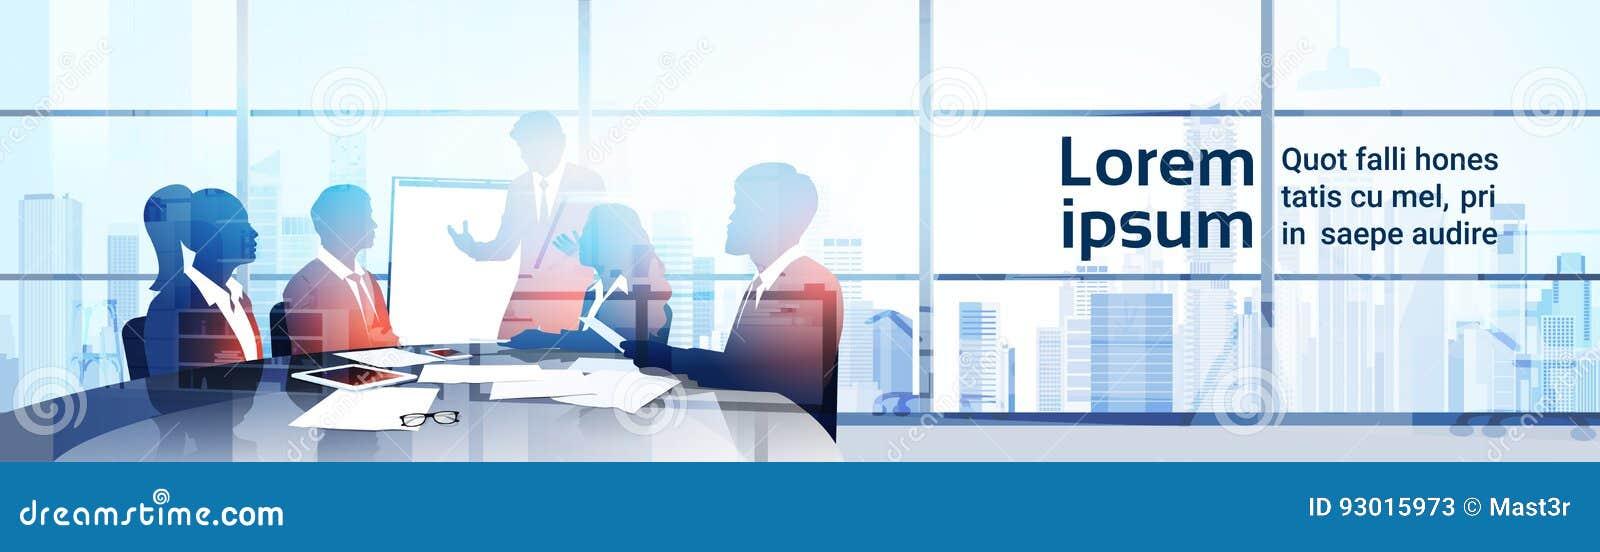 För Team With Flip Chart Seminar för konturaffärsfolk presentation för idékläckning för konferens utbildning i modernt kontor